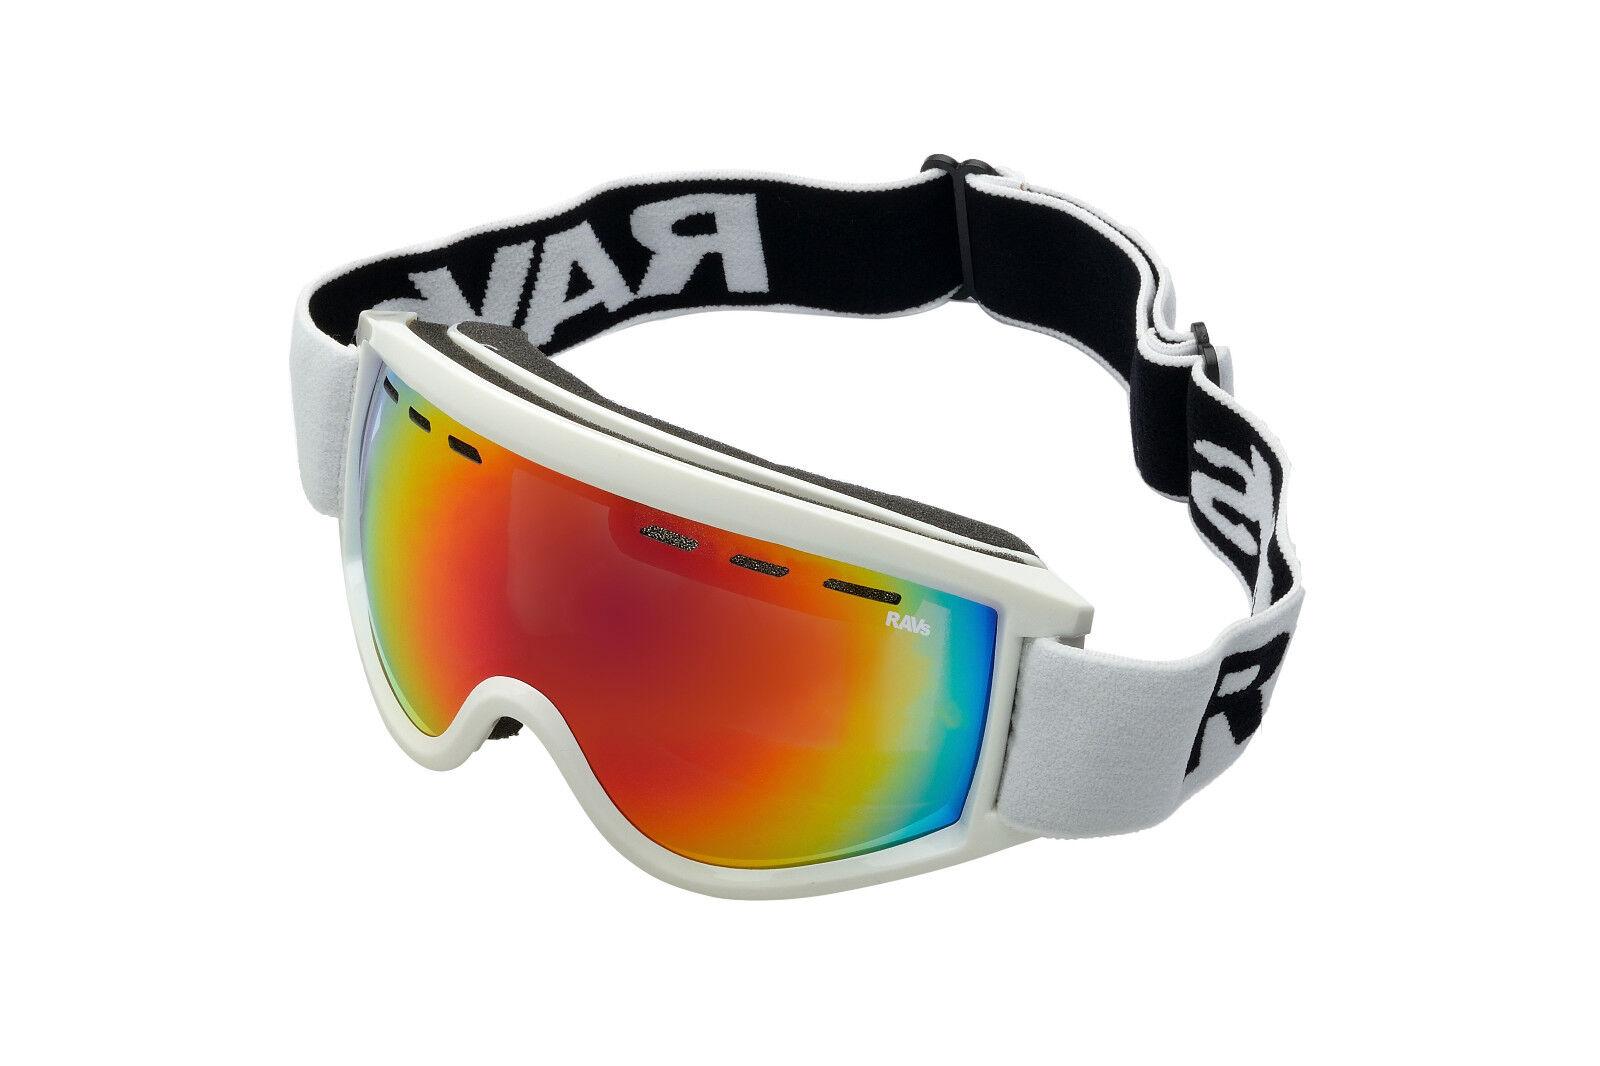 Ravs Unisex Skibrille Skibrille Skibrille und Snowboardbrille Skiing goggles für Allwetter ANTIFOG a0fc15